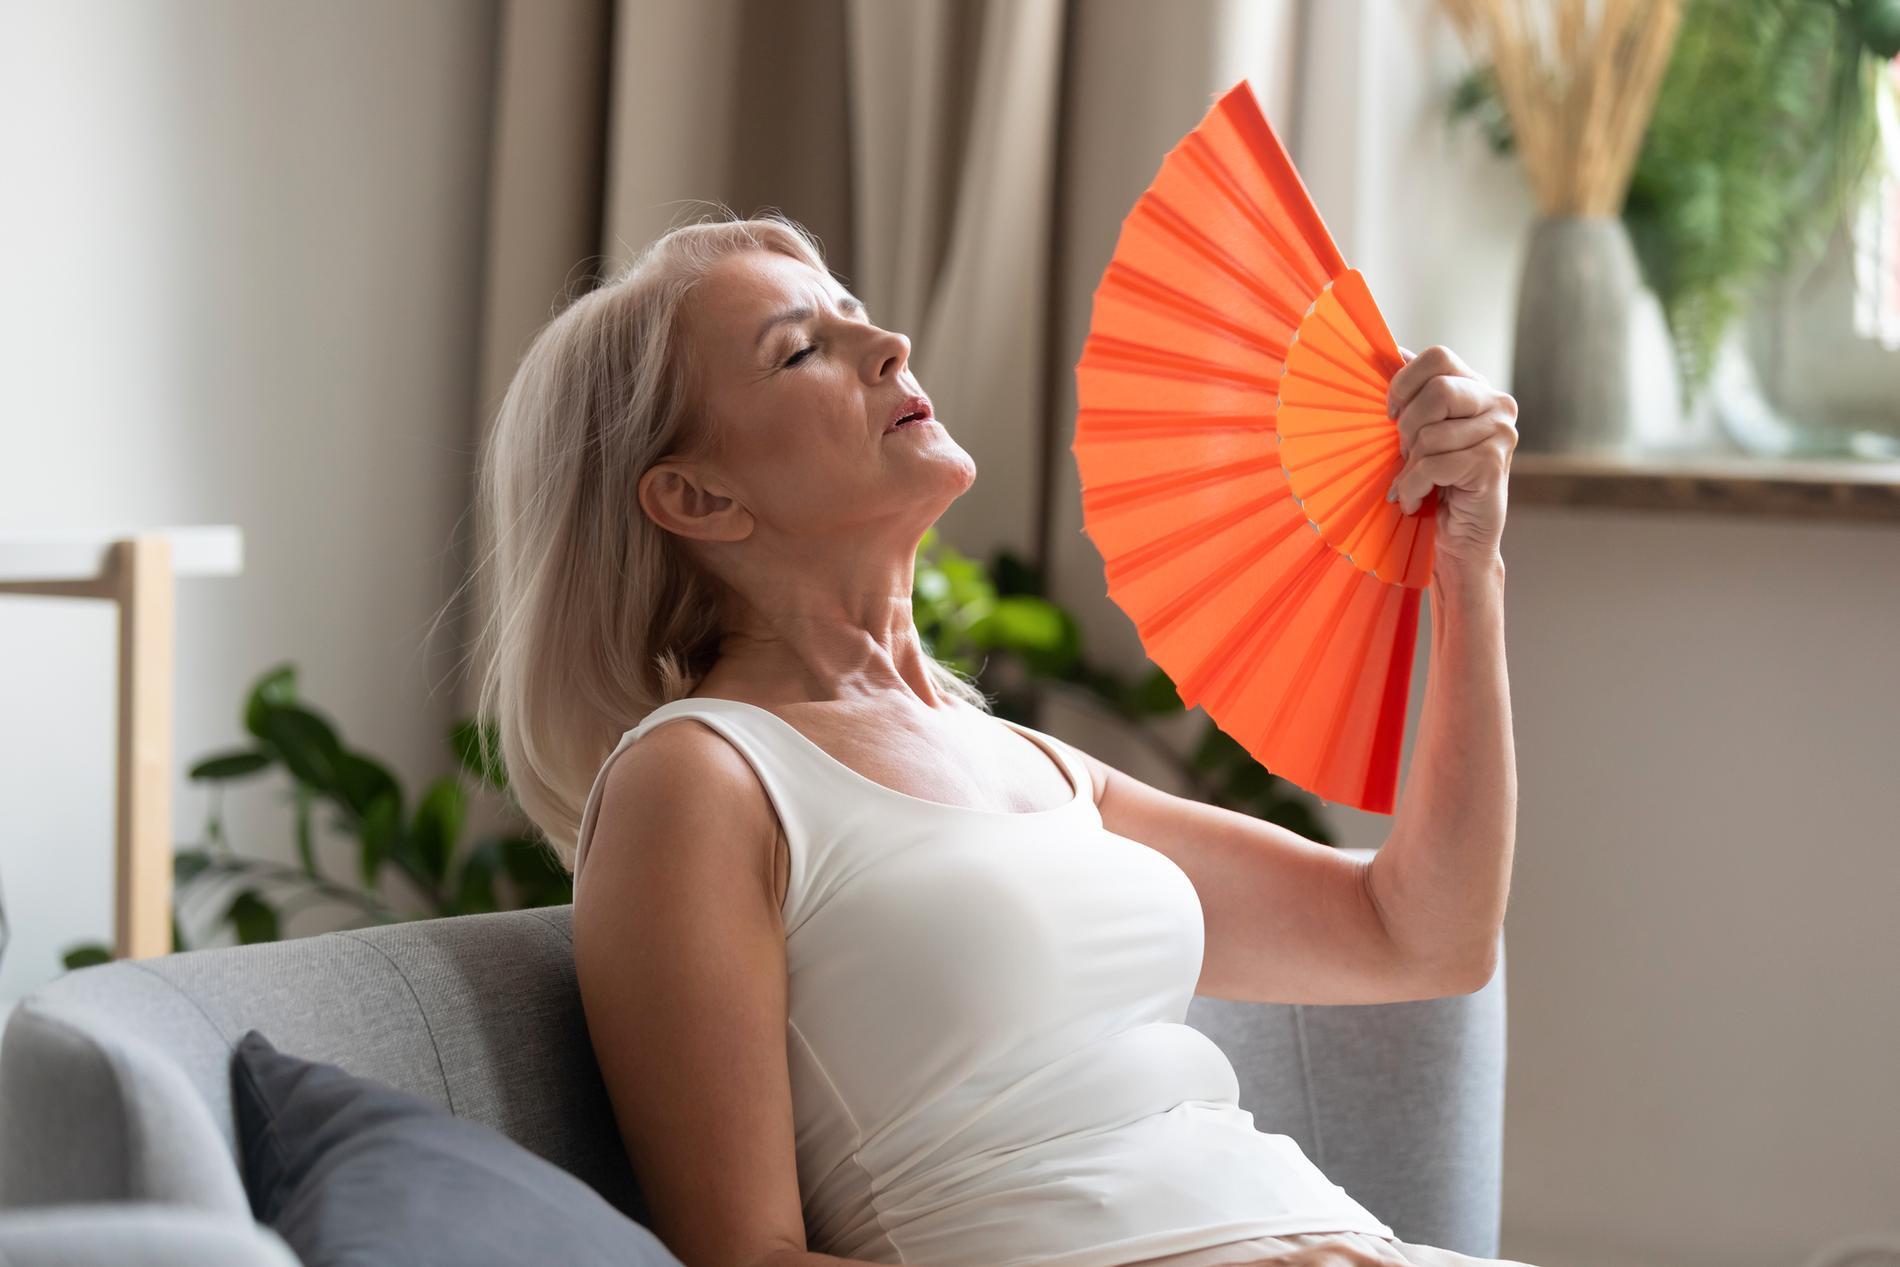 I klimakteriet får många värmesvallningar. De orsakas av att kroppens termostat, hypofysen, sätts ur balans.